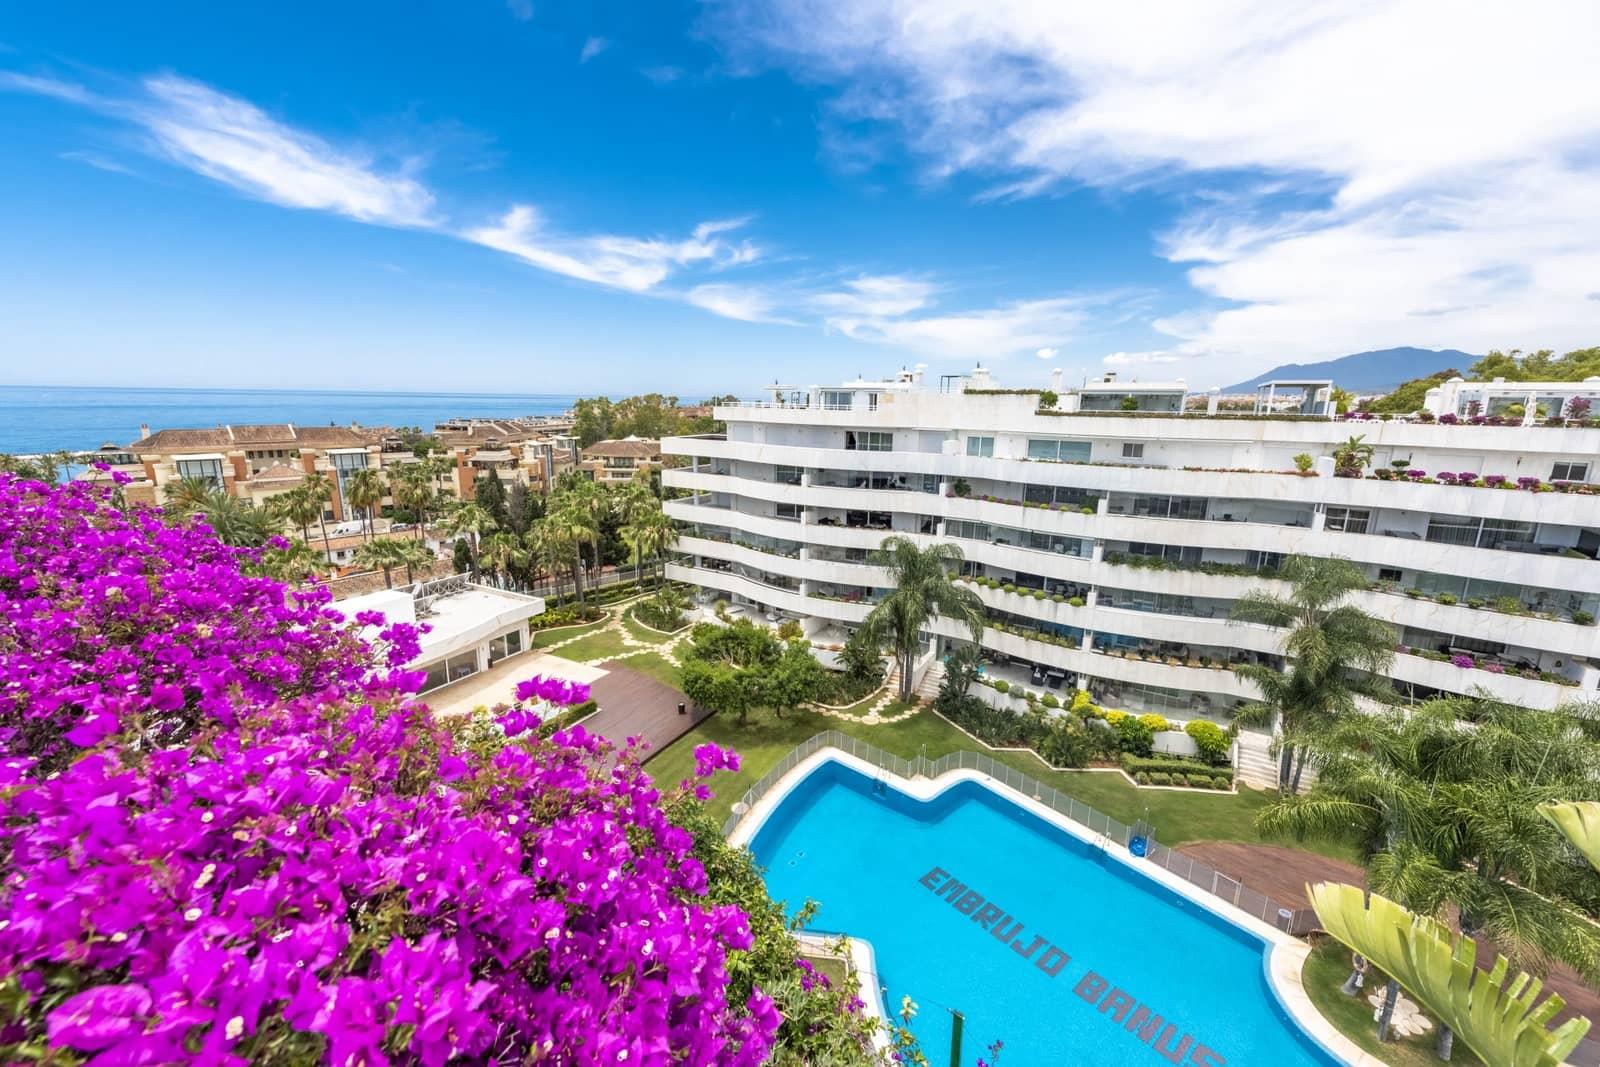 4 camera da letto Attico da affitare come casa vacanza in Marbella con piscina - 15.000 € (Rif: 6069318)